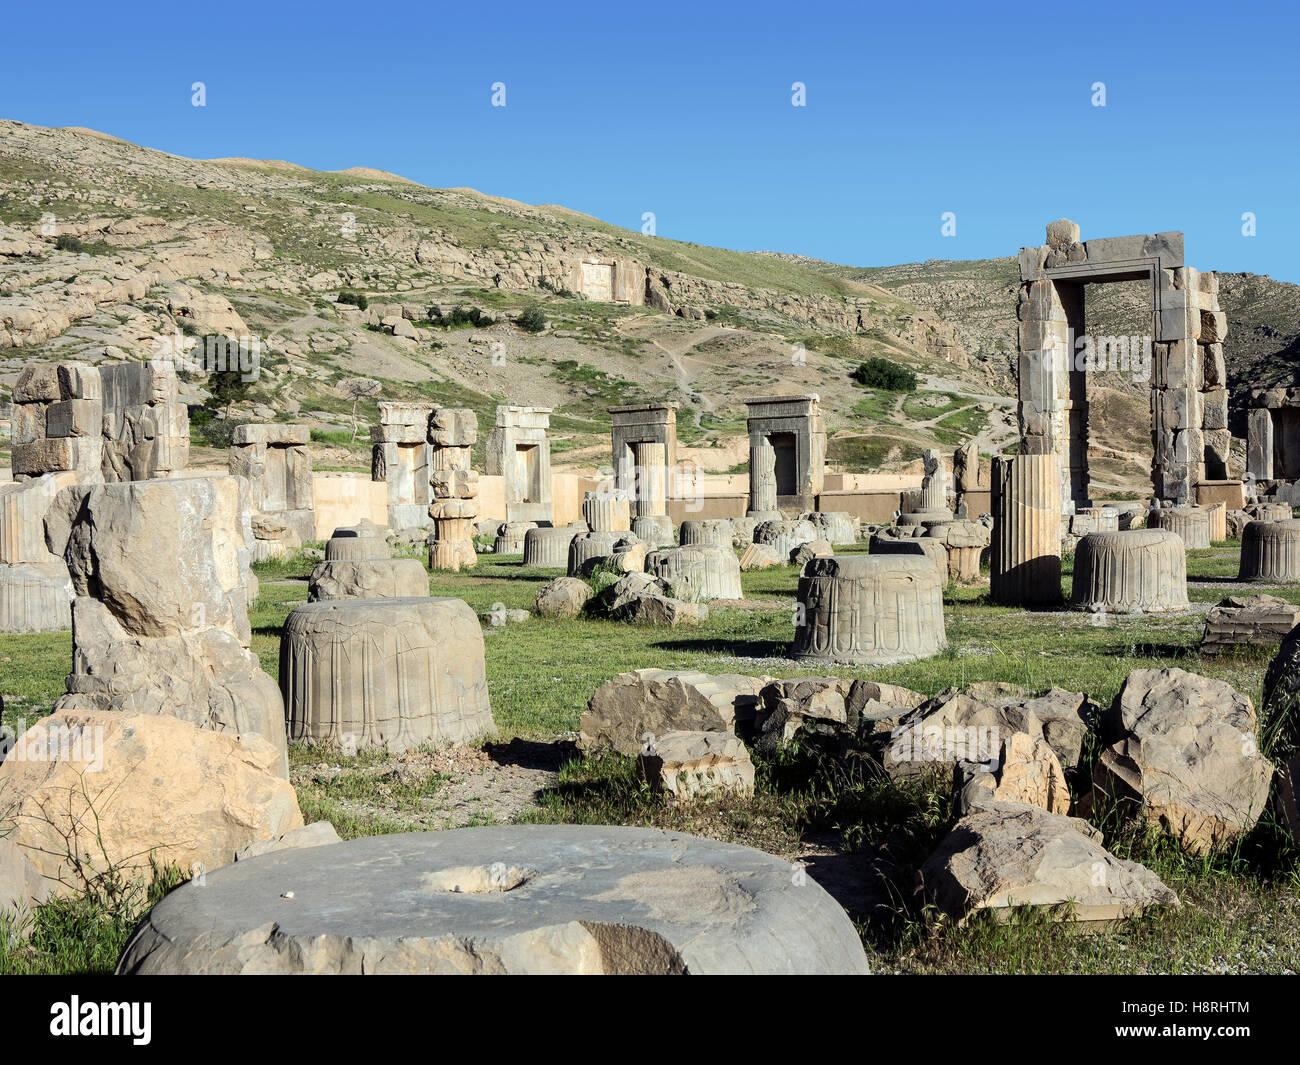 Ruins of Persepolis Iran - Stock Image